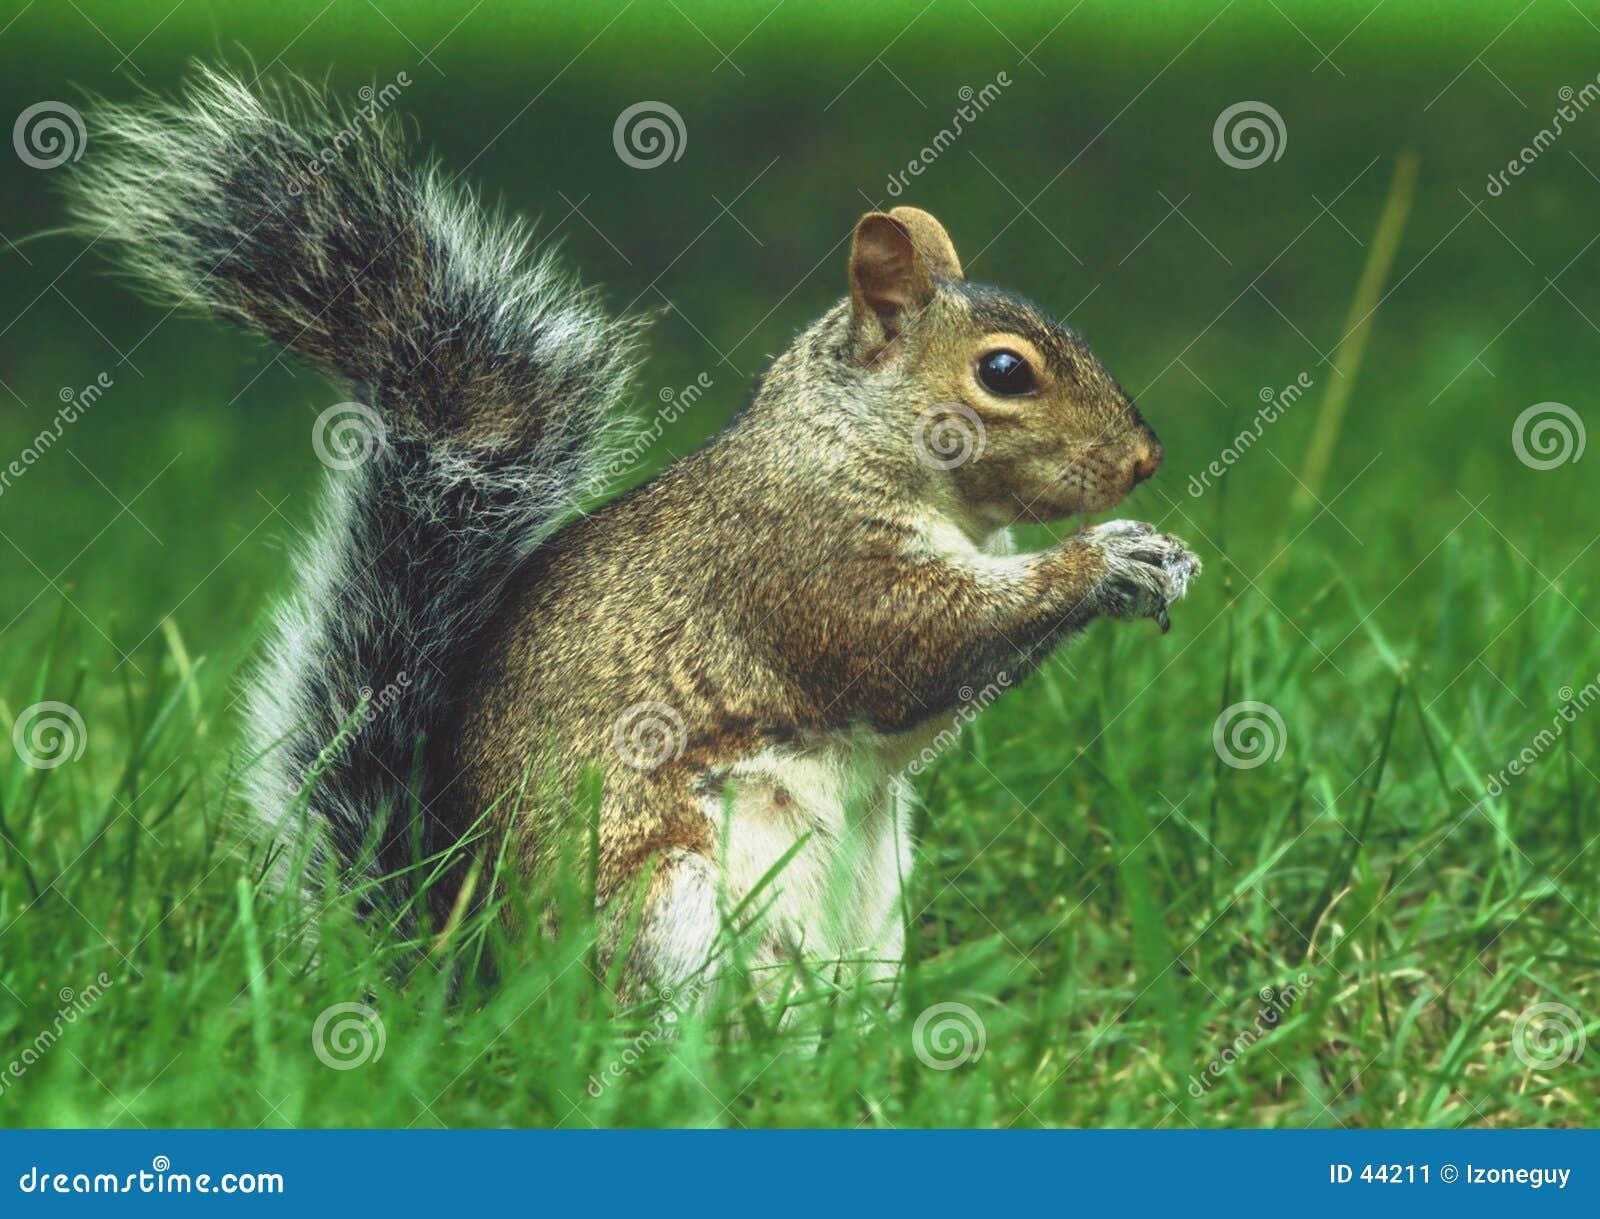 Download Eichhörnchen stockbild. Bild von nagetier, geschöpf, playful - 44211